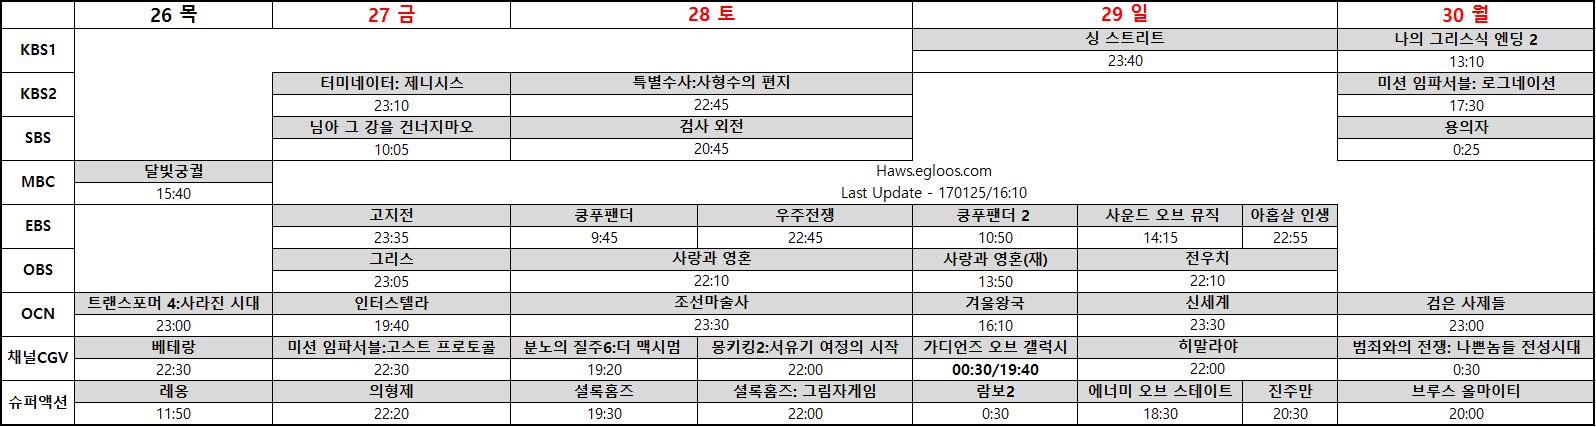 2017 설날특선영화 편성표